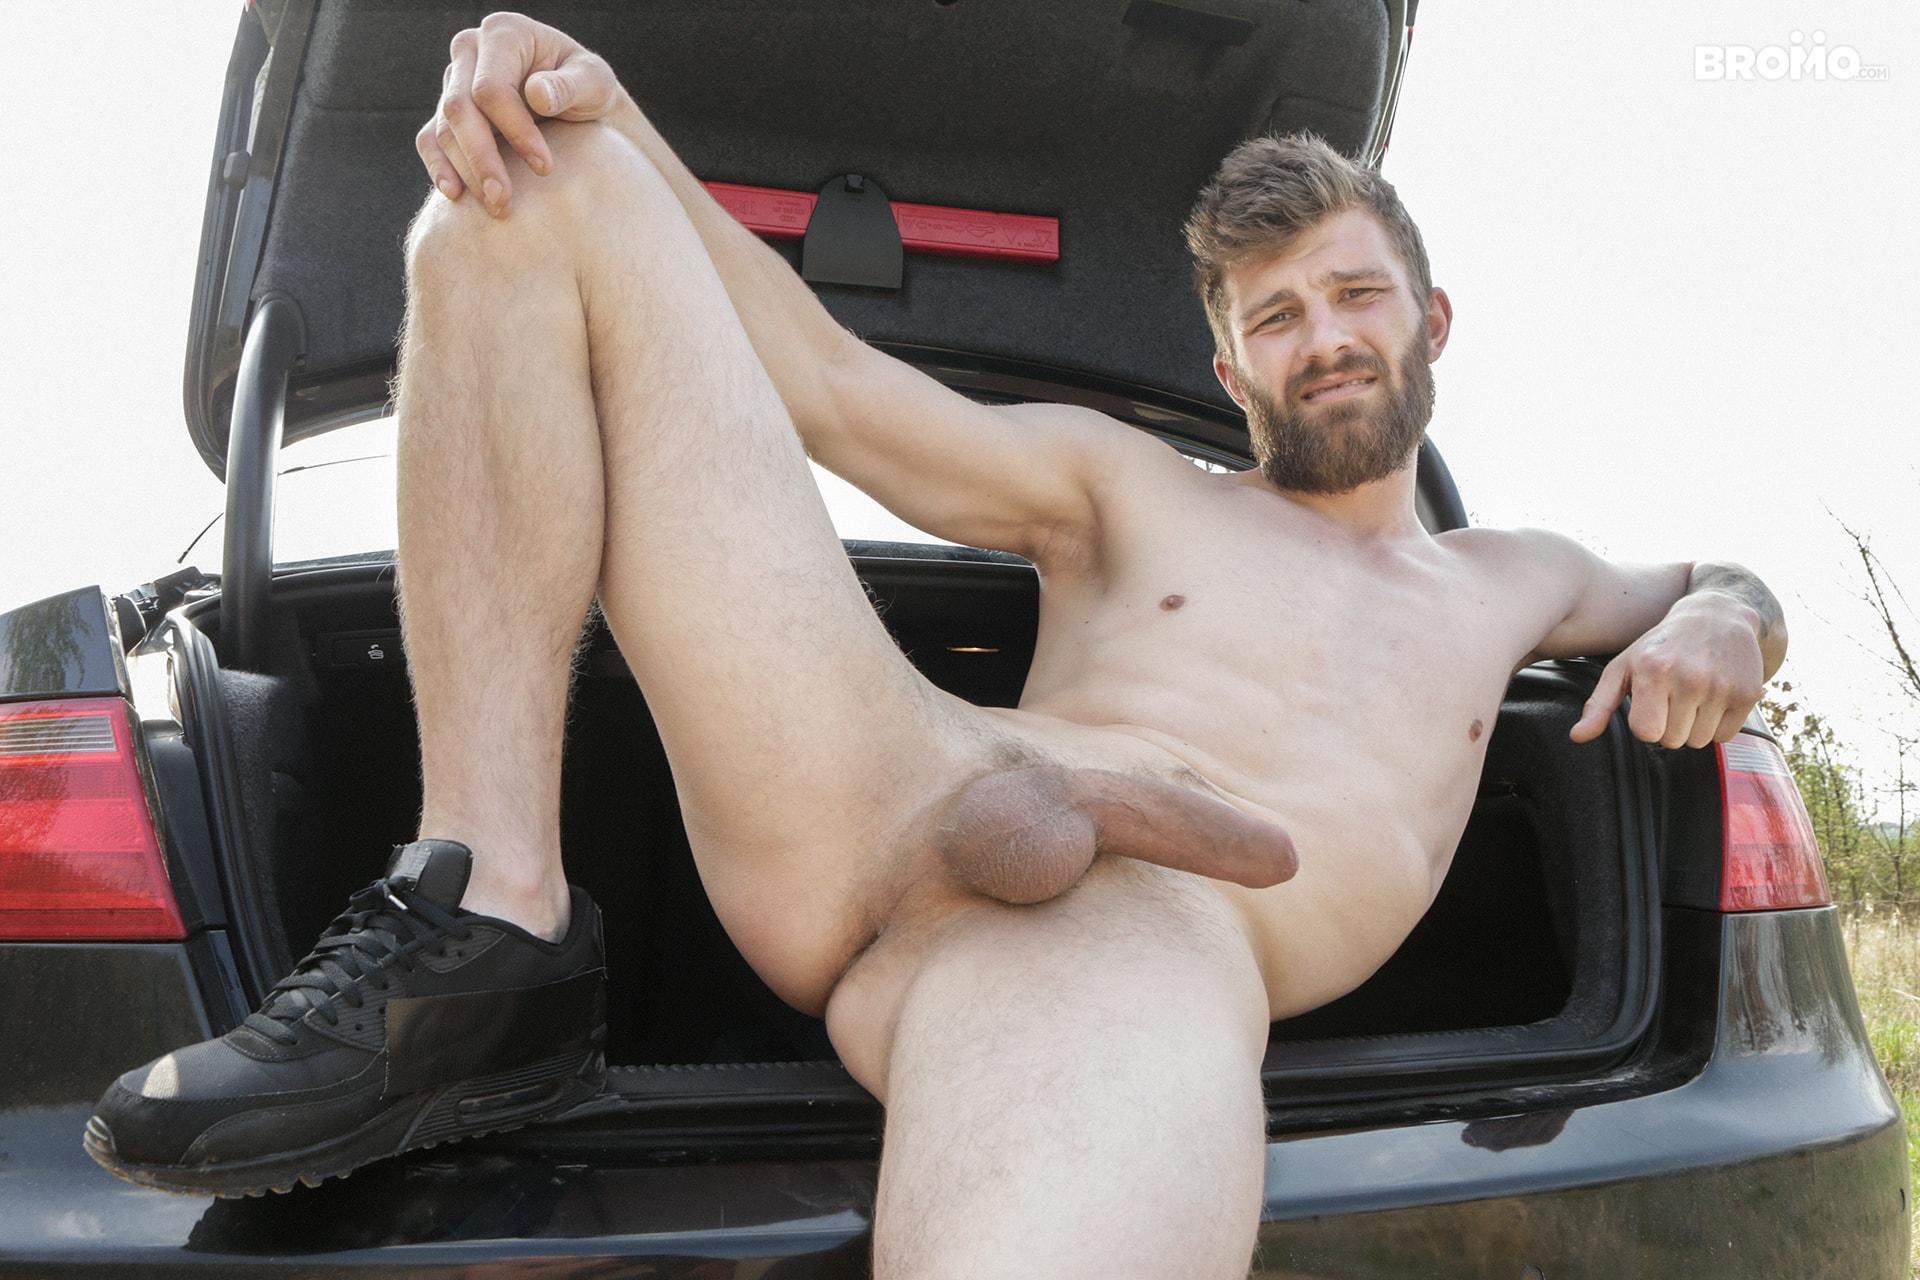 Galeria ffotos tios gay latino